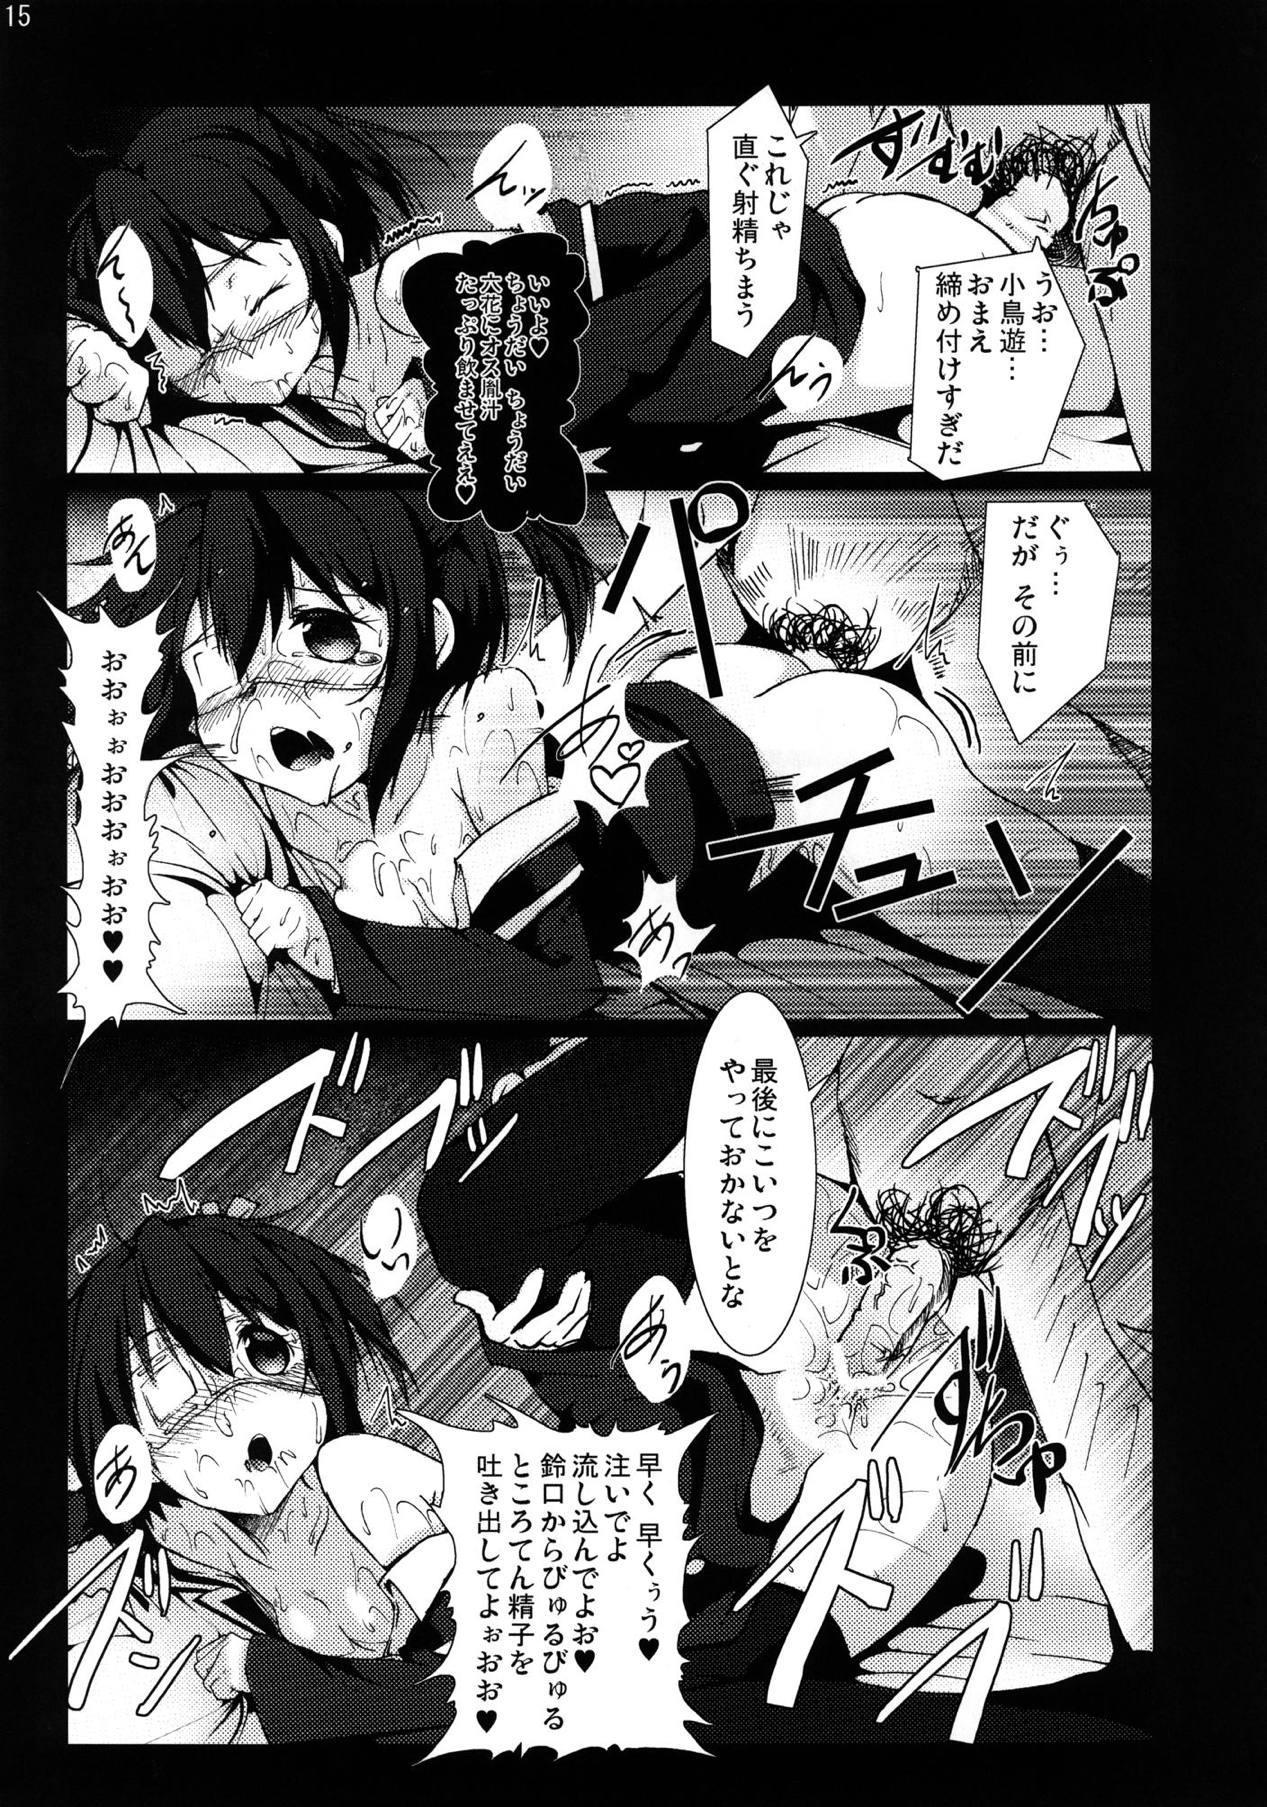 Chuunibyou demo Ninshin Shitai! 13